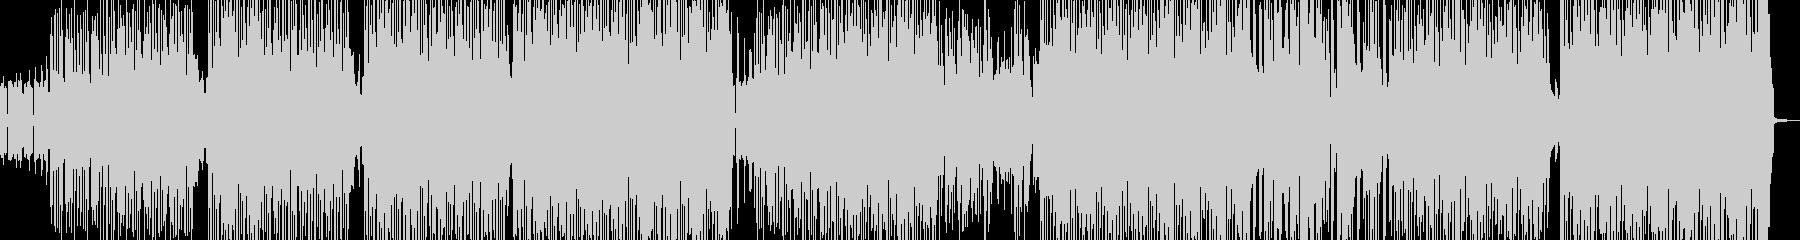 マッスルな音作りのダブ系ヒップホップの未再生の波形